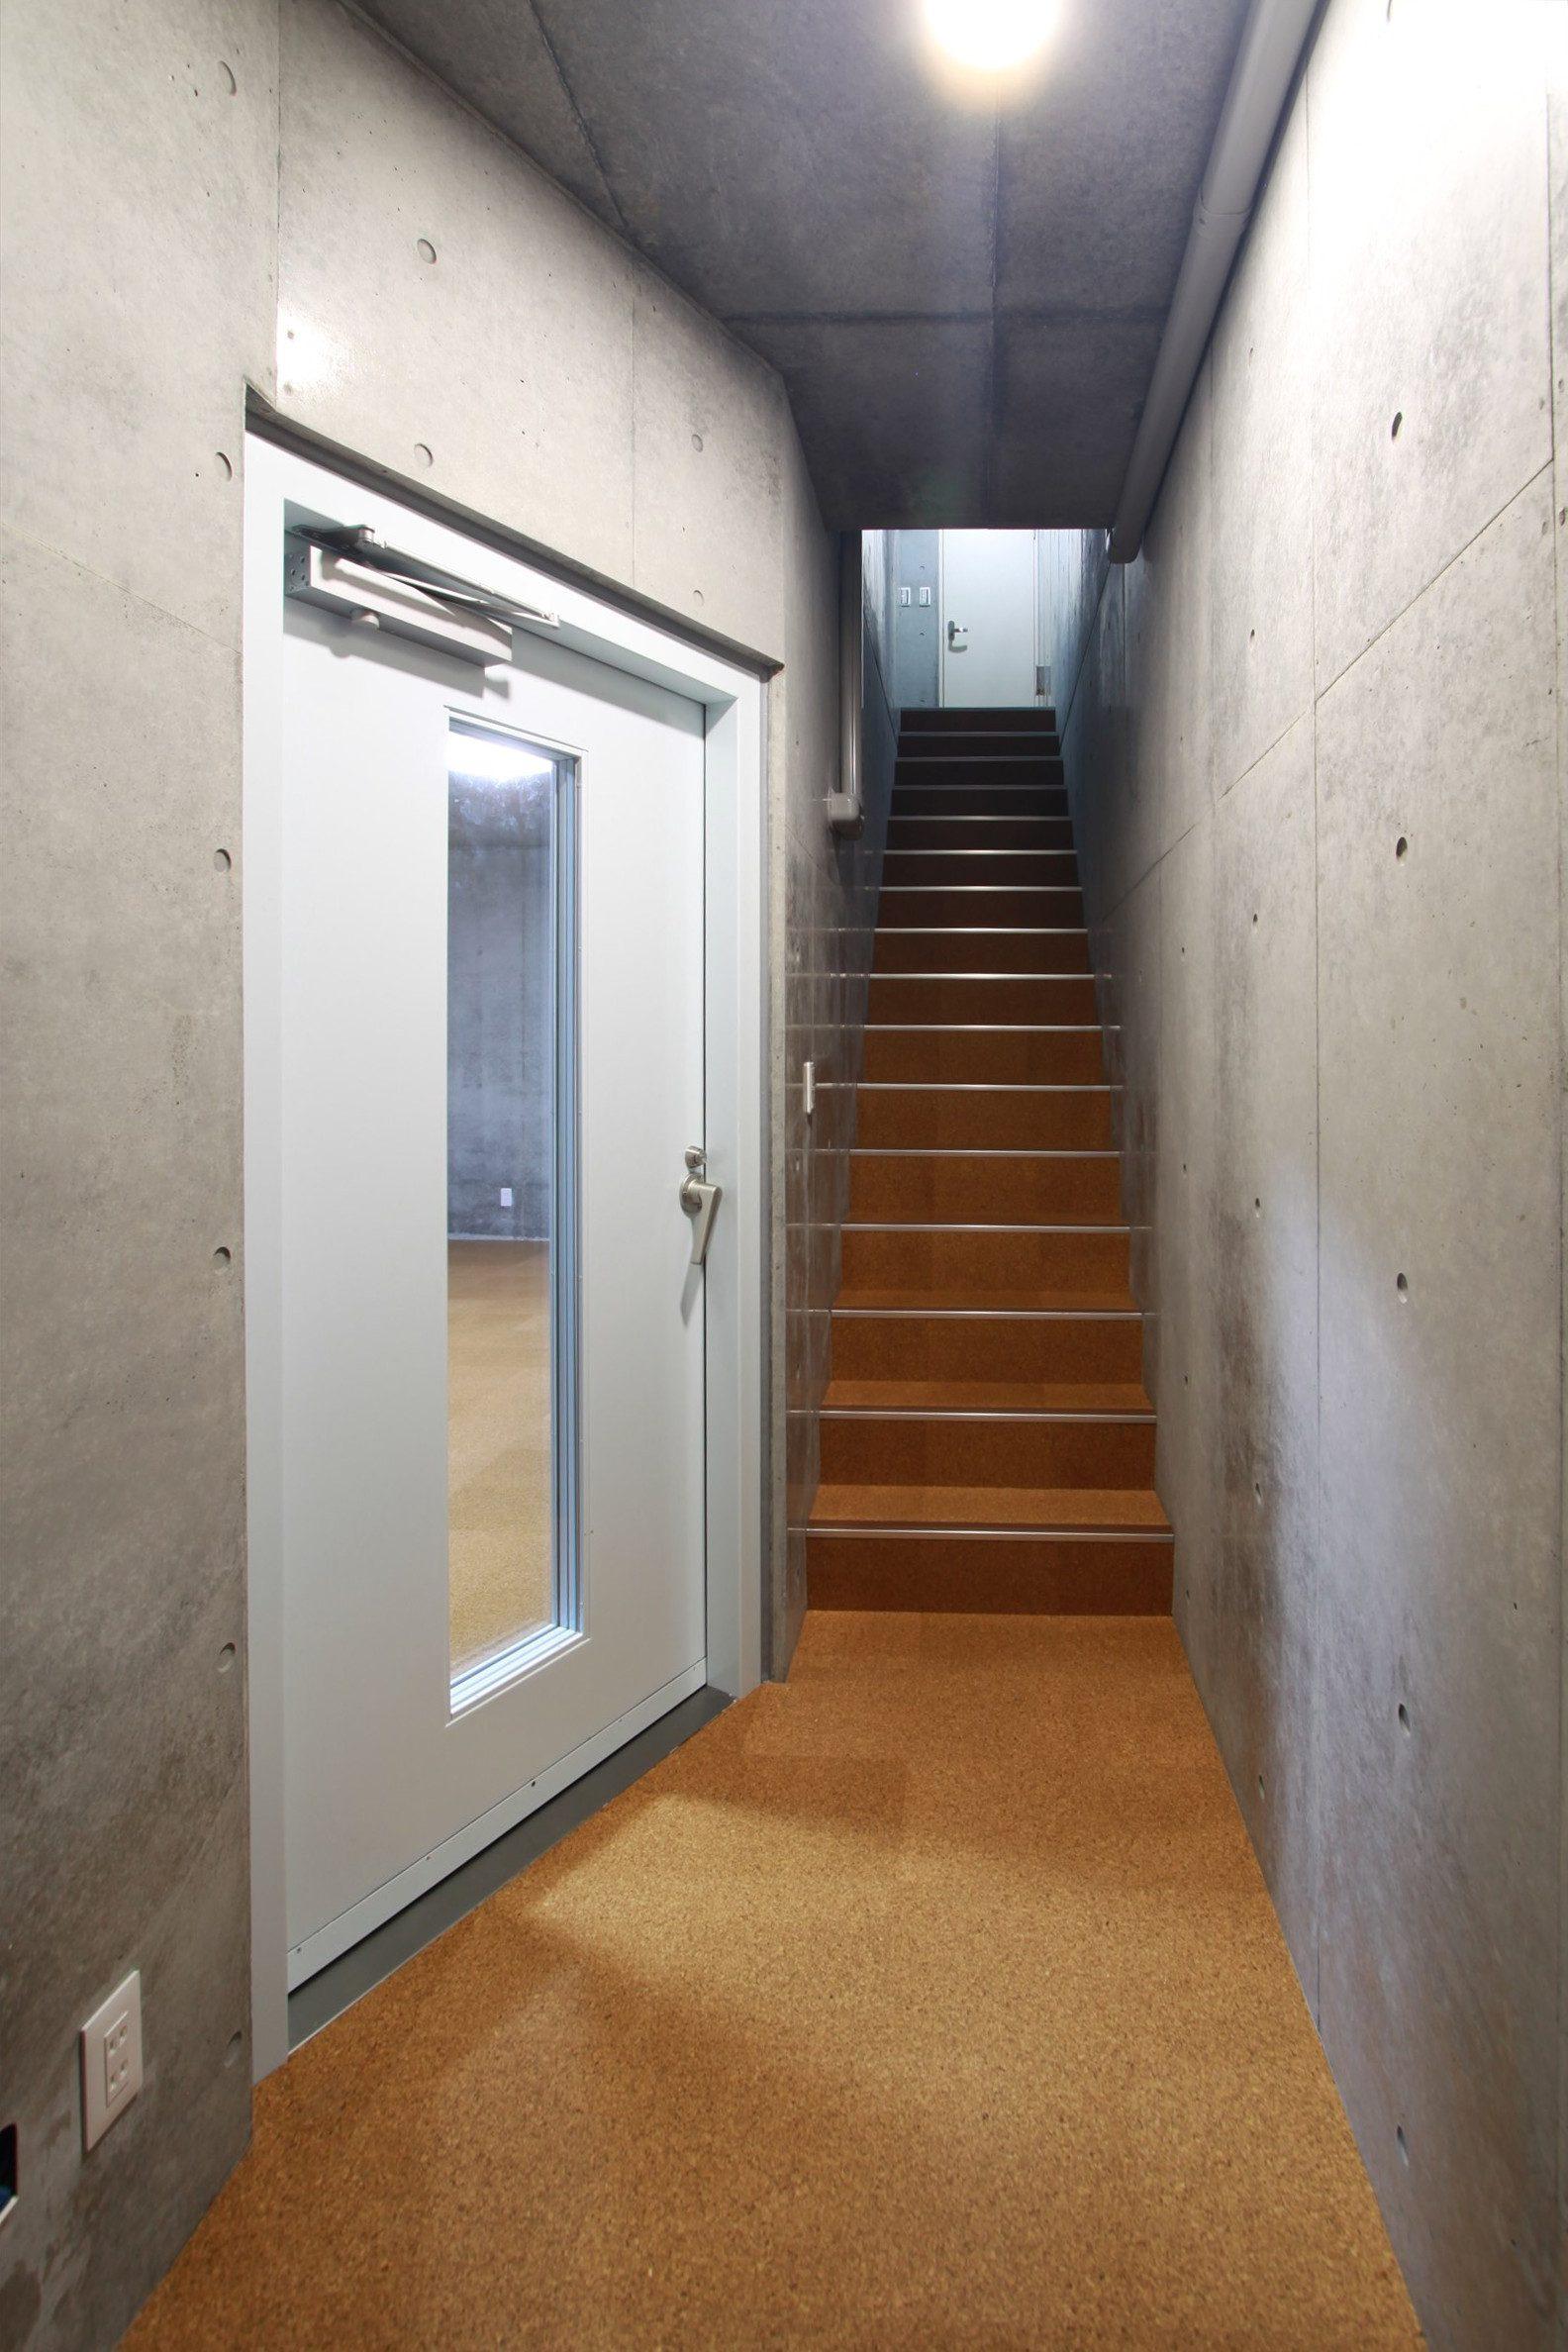 1階の玄関ならびにトイレ前のホールから階段を下りてきて待合スペースとスタジオの入口